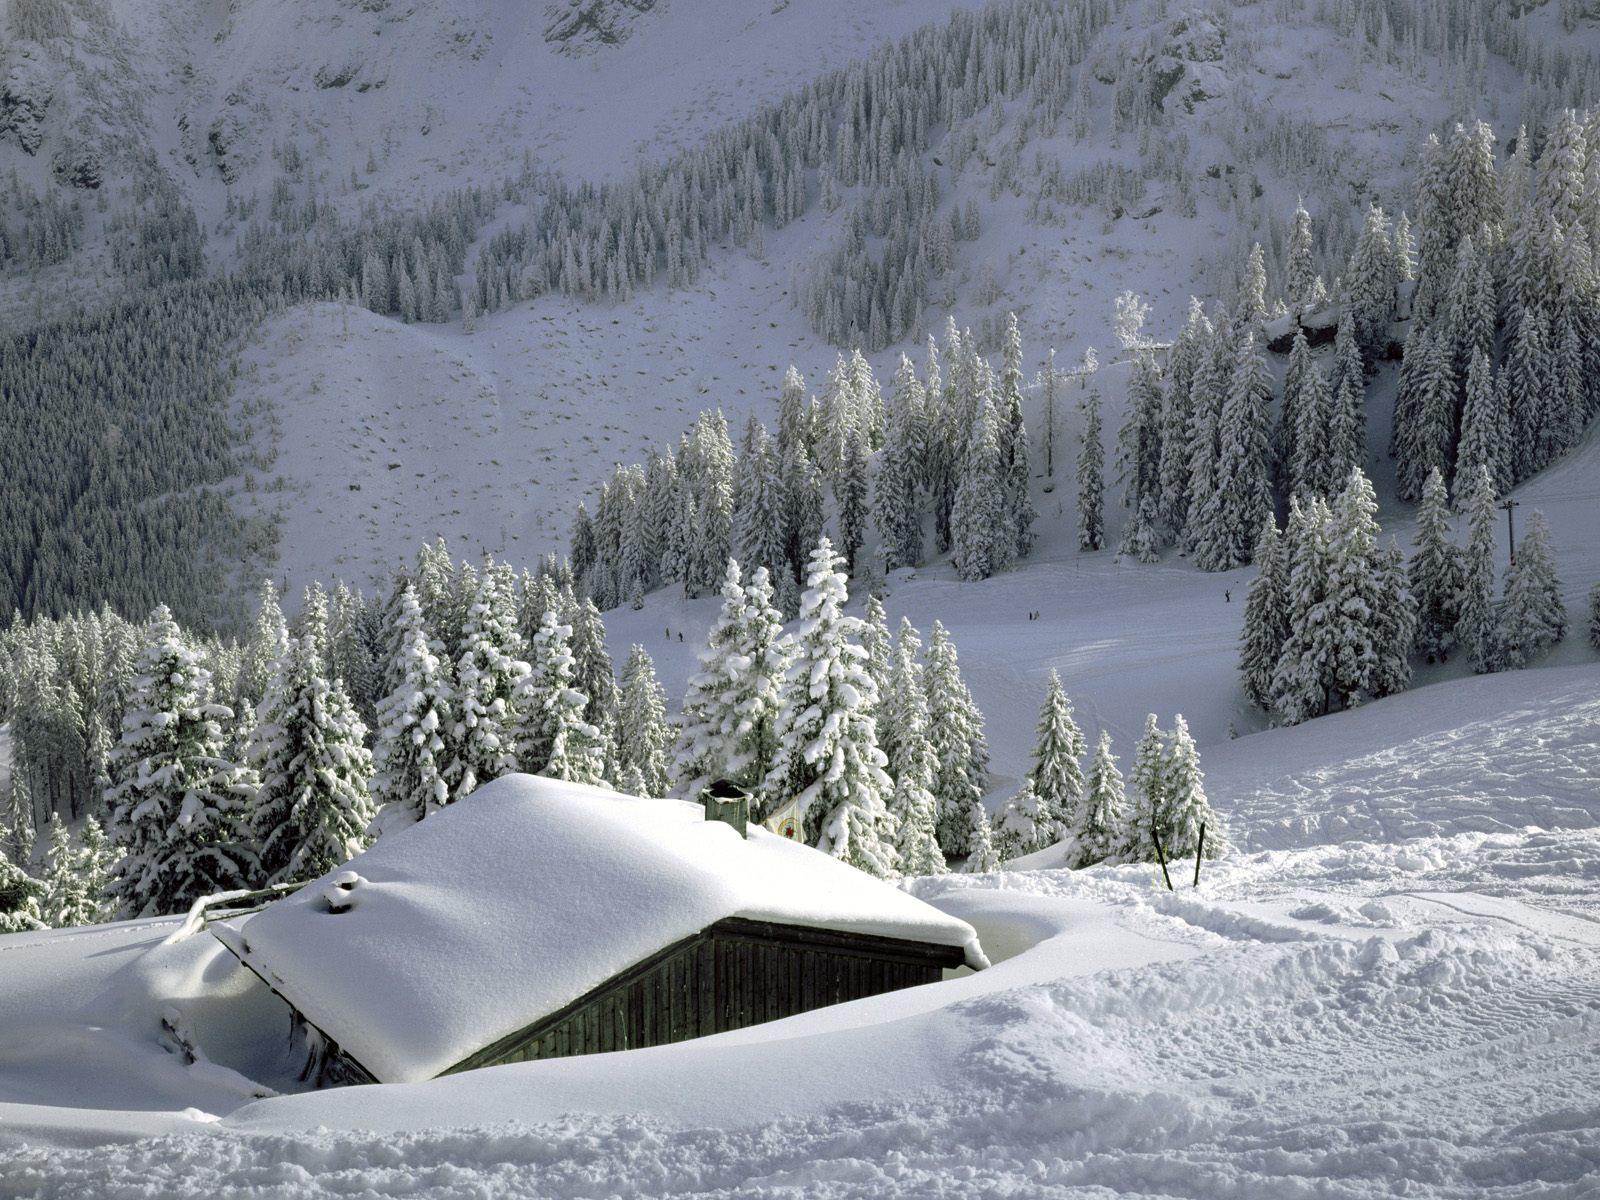 Зима, снег, сугробы, фото, обои для рабочего стола, скачать